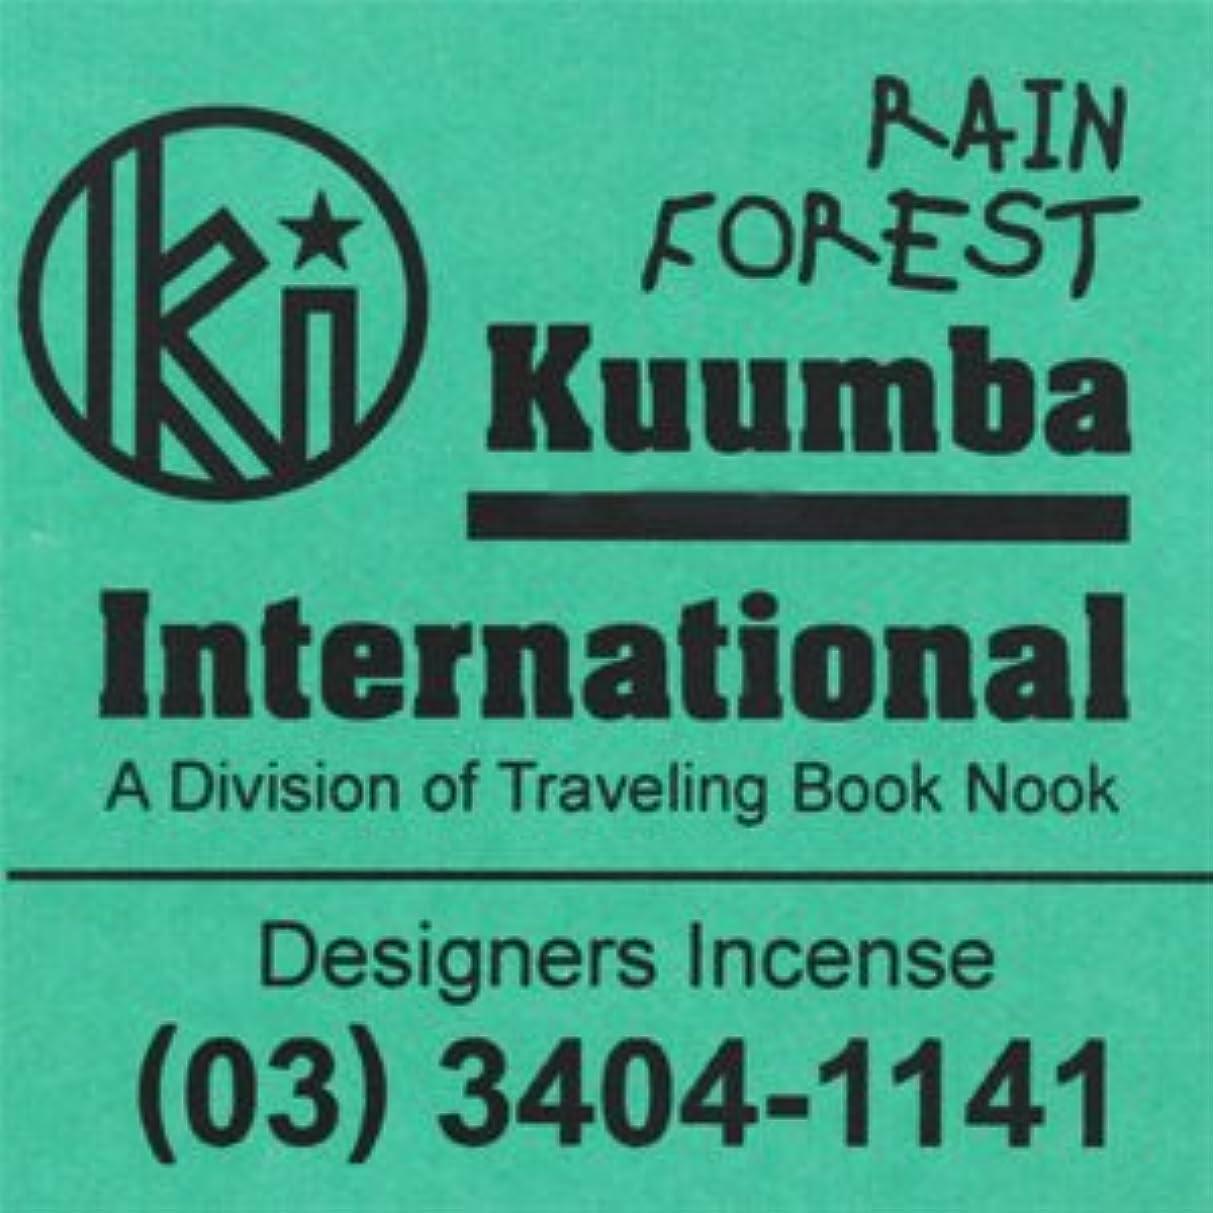 敵対的ブーム重荷KUUMBA/クンバ『incense』(RAIN FOREST) (Regular size)